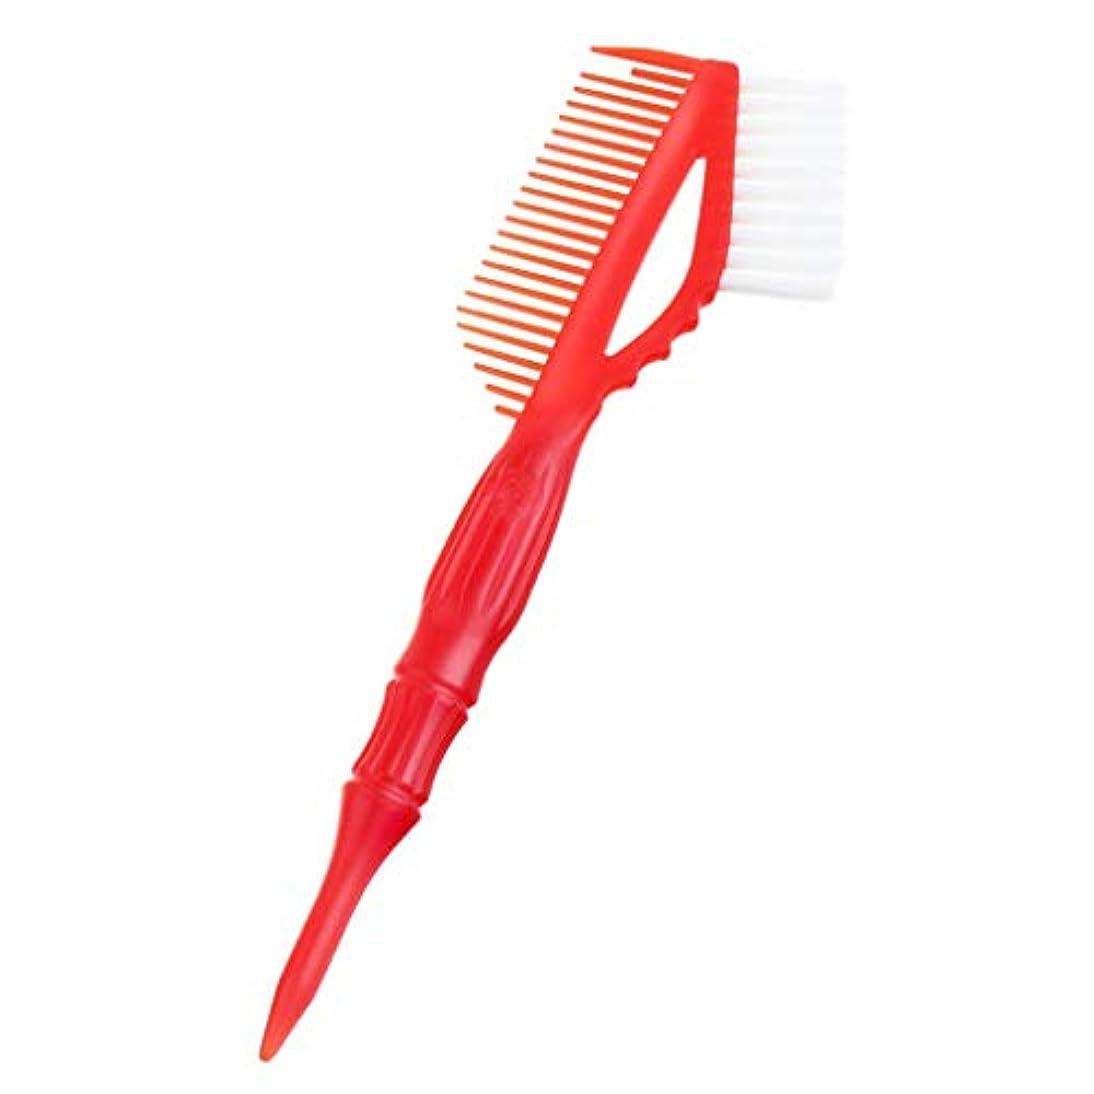 通行人かろうじて正確なT TOOYFUL 9インチテールコームブラシ - からかいコーム - すべての髪タイプの軽量ラットテールコーム - 赤, 23×7.2×2cm